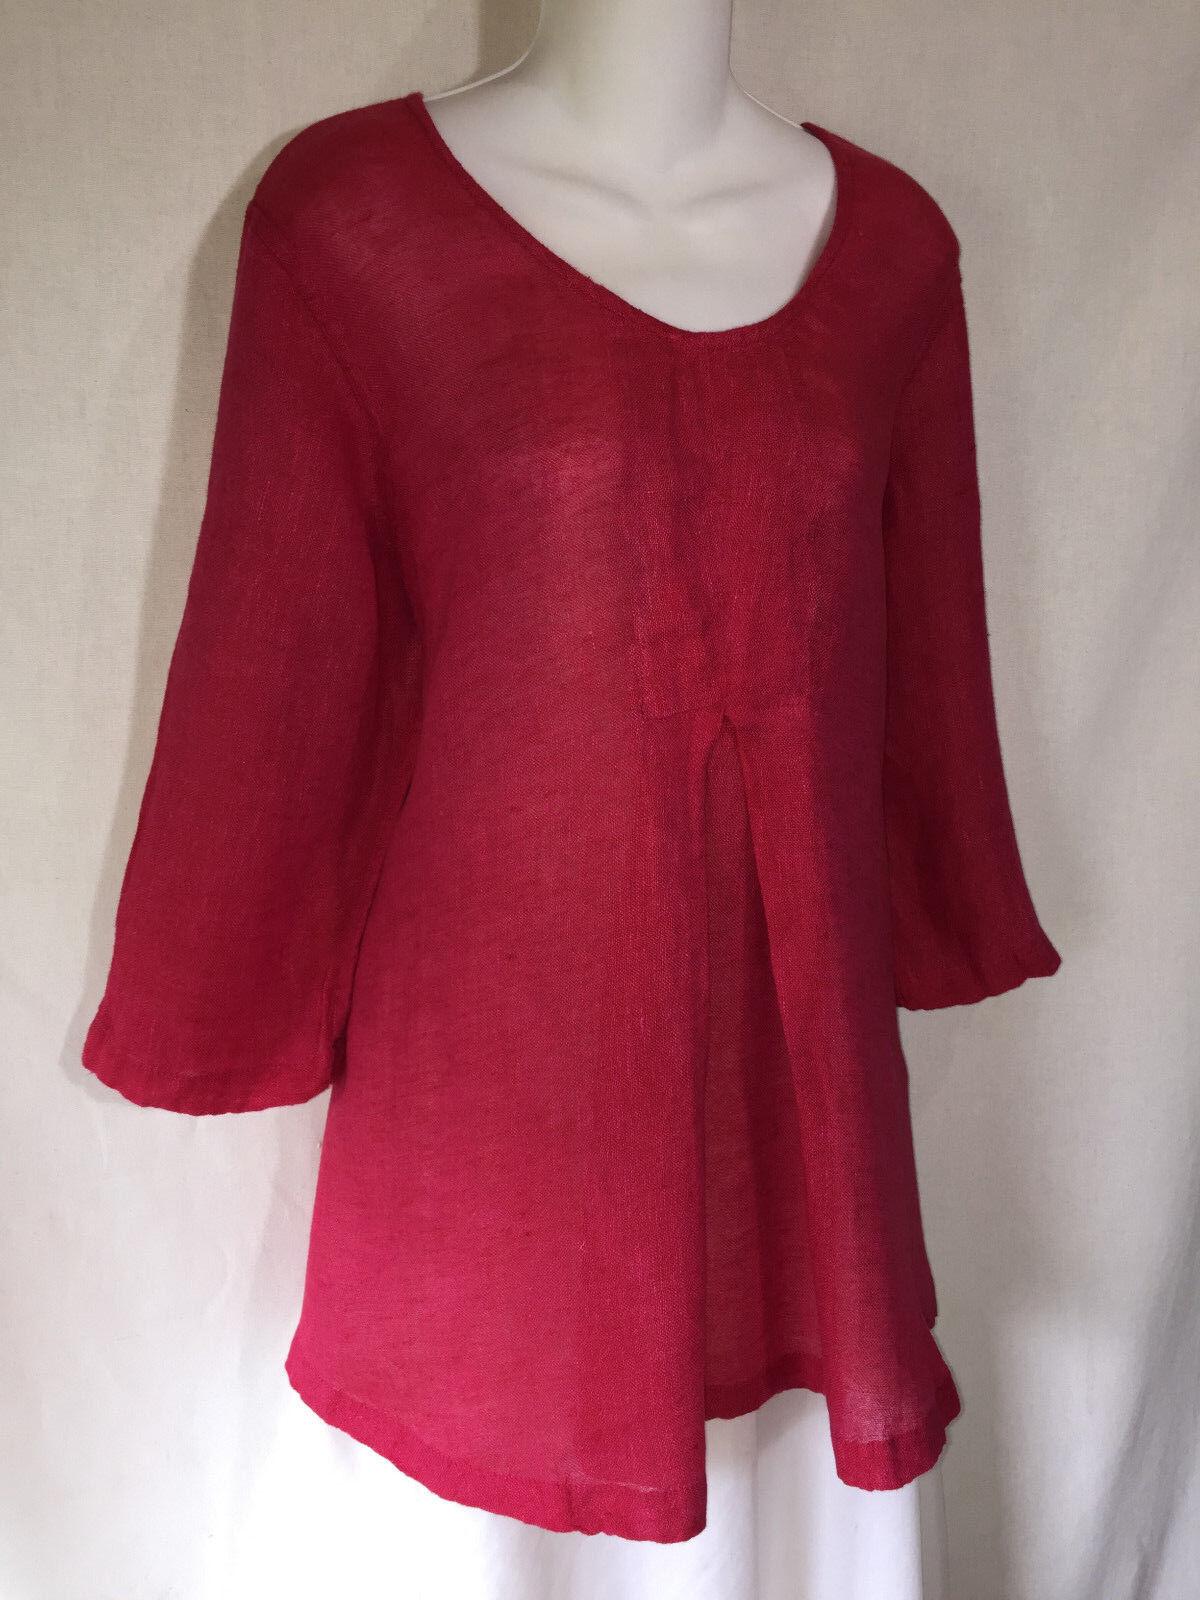 FLAX Jeanne Engelhart Rosa 3 4 Sleeve Long Gauze Linen Flarot Tunic Top Shirt P